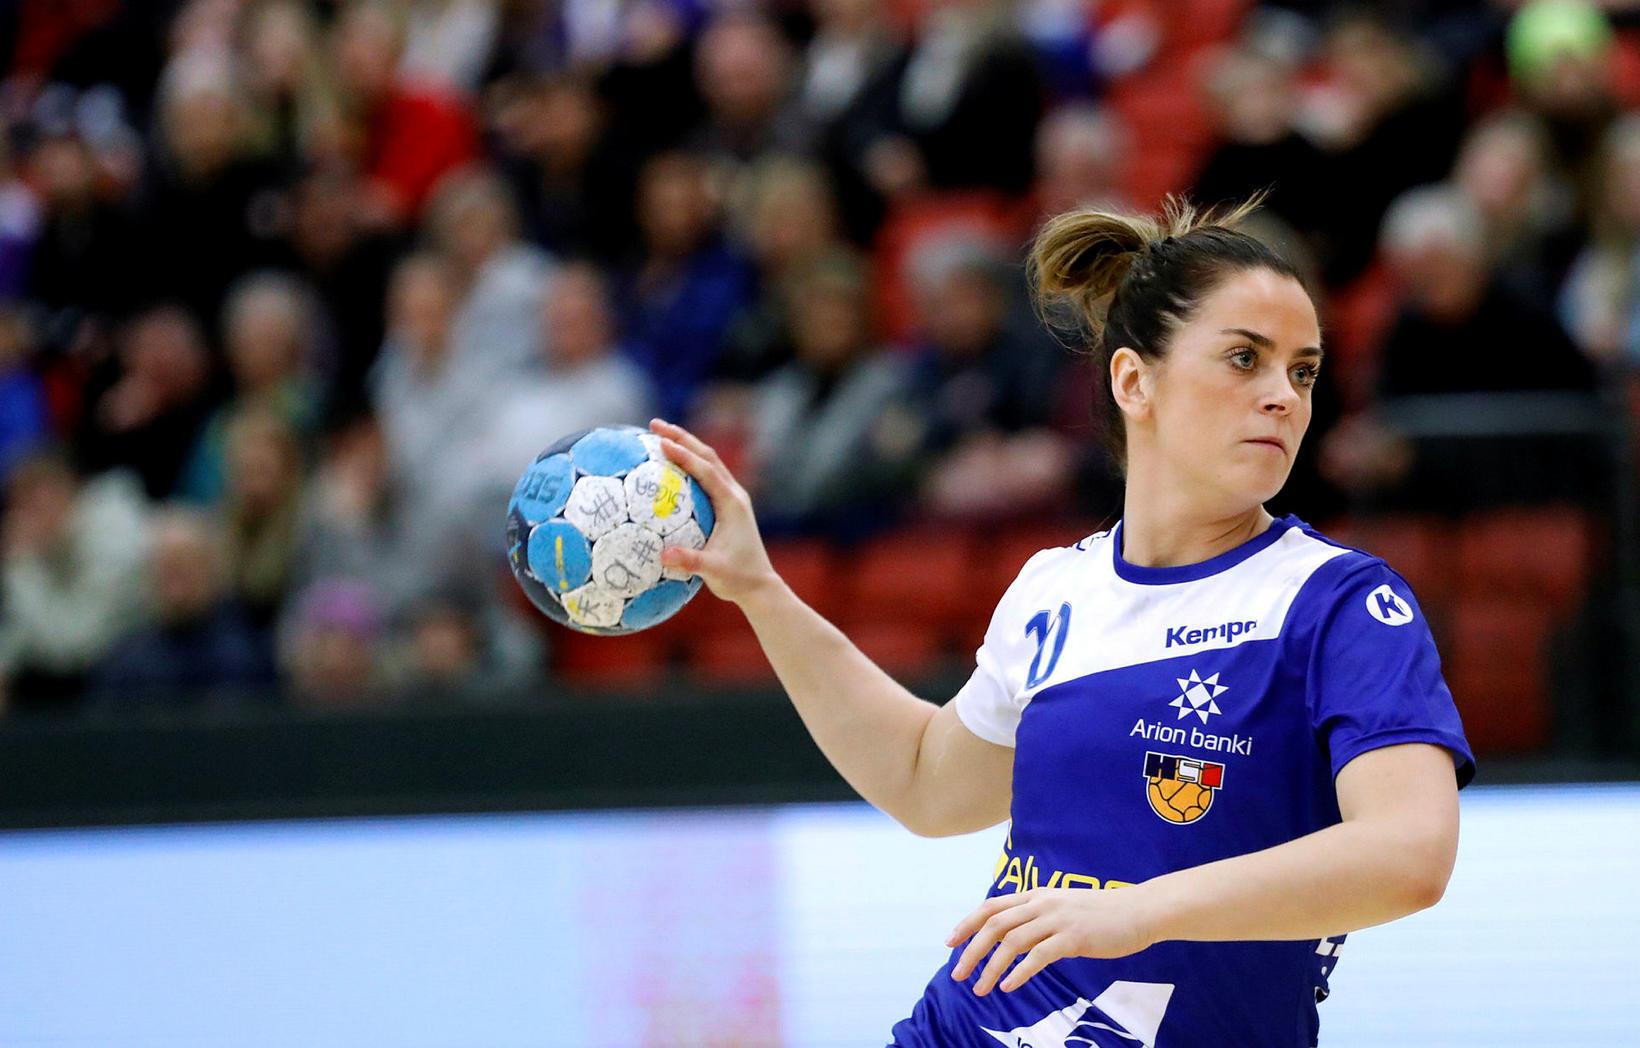 Karen Knútsdóttir hefur leikið með íslenska landsliðinu síðustu ár.